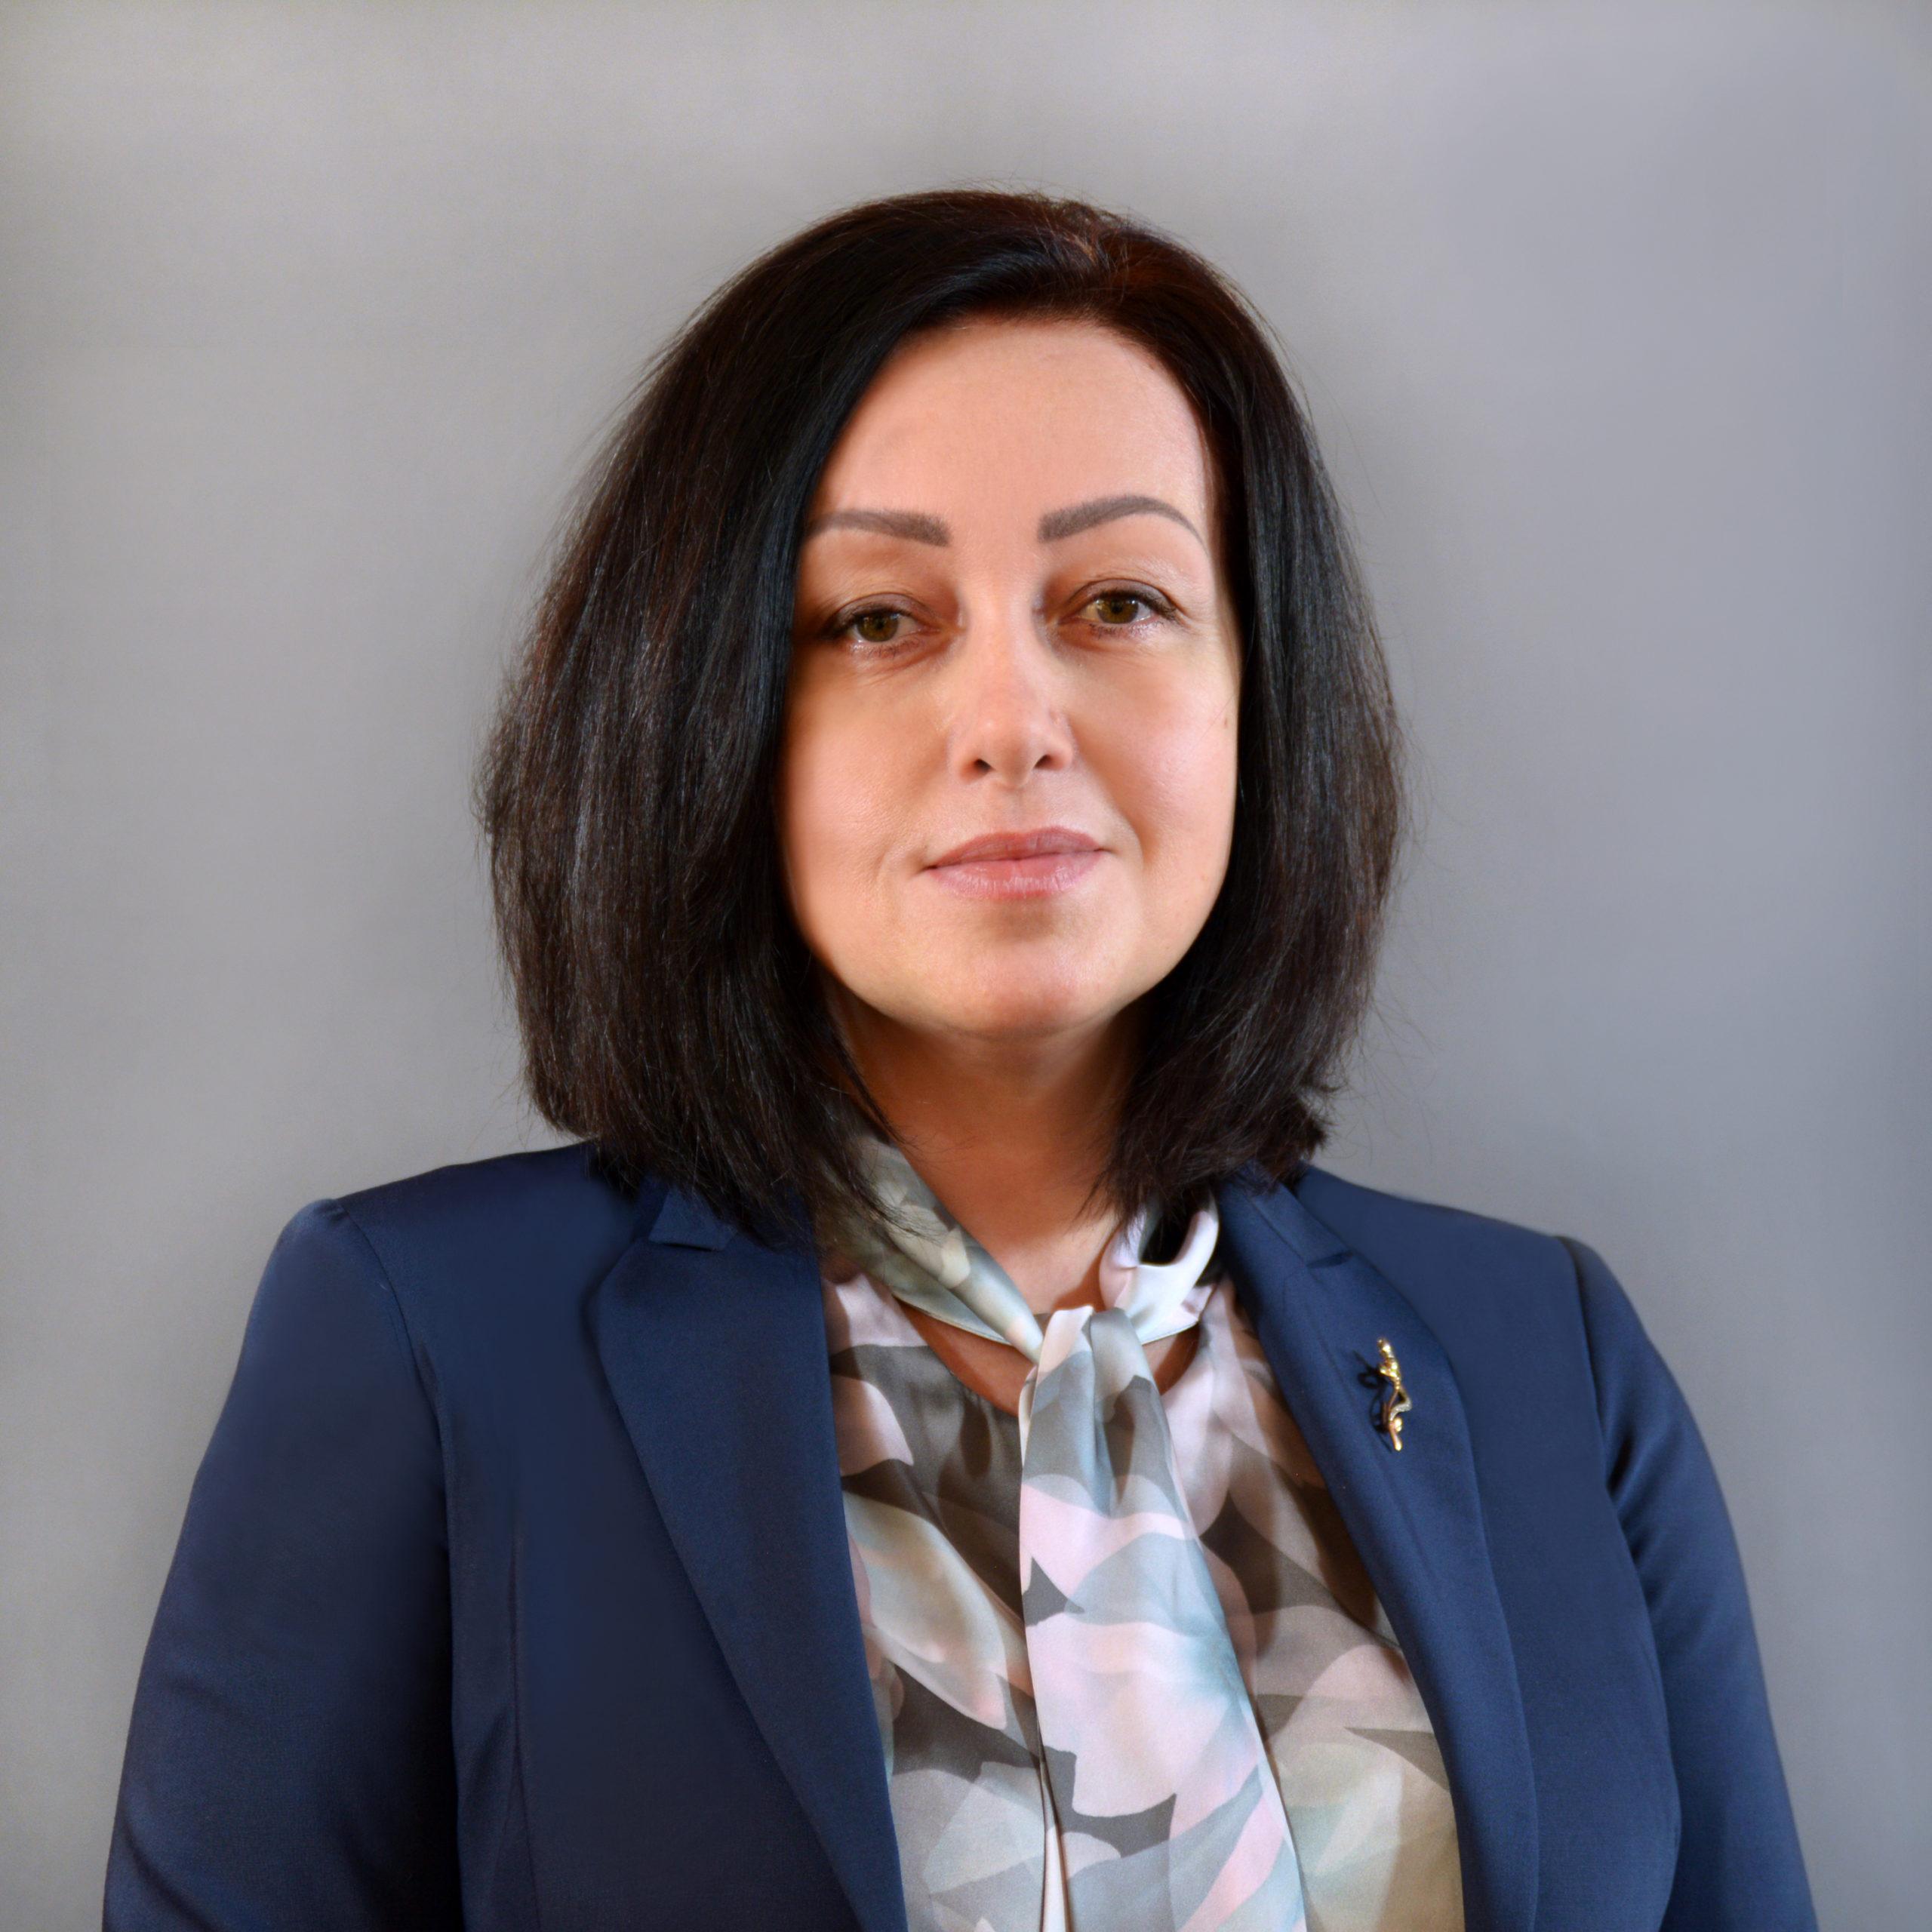 Olga Rybakova